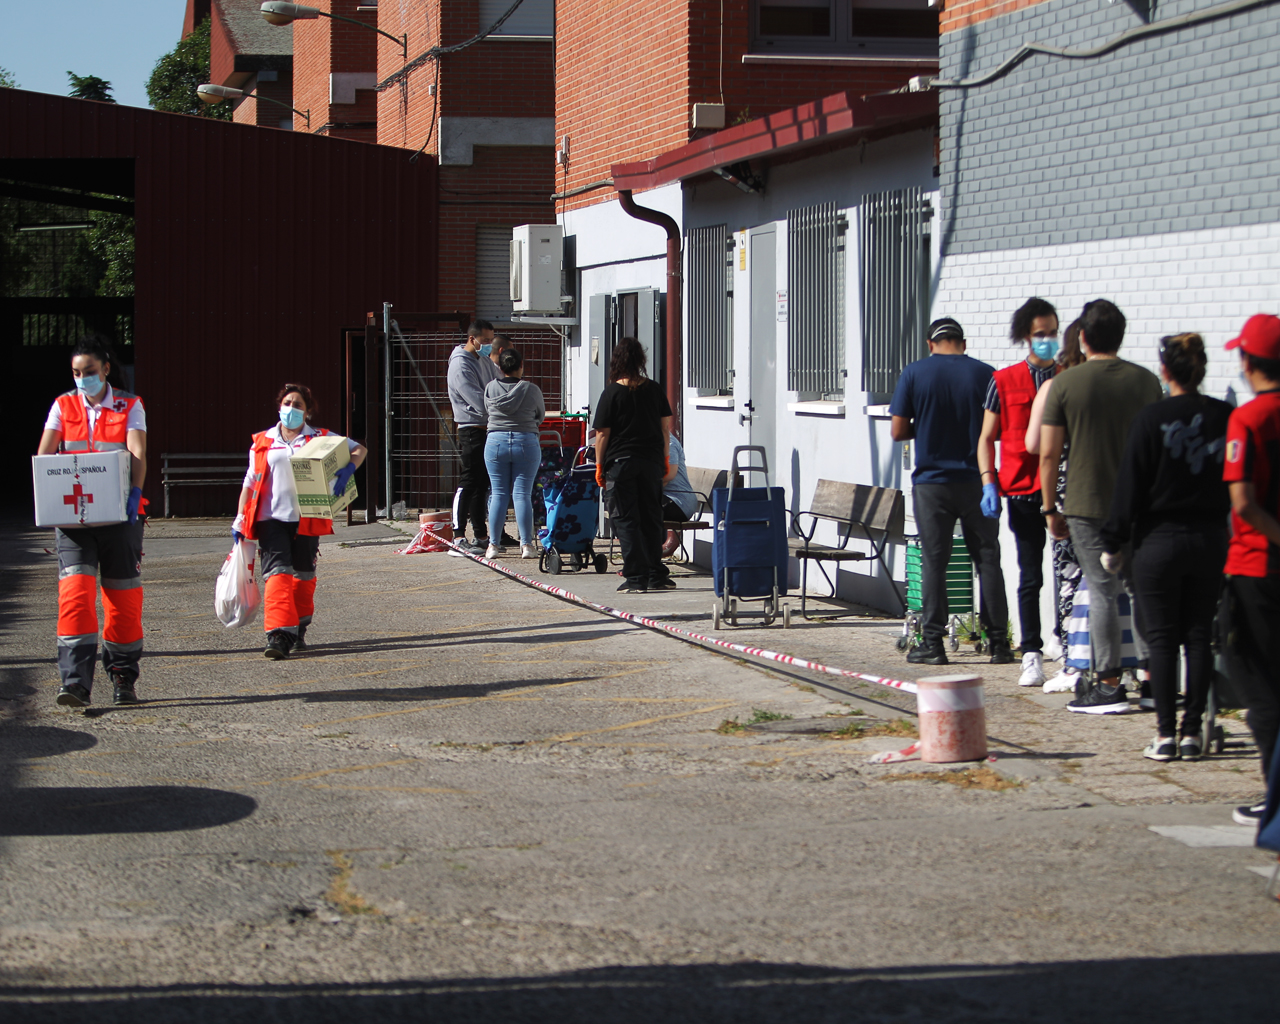 Decenas de personas esperan a ser atendidas para recoger alimentos de primera necesidad en Cruz Roja. Madrid. 08/05/2020.